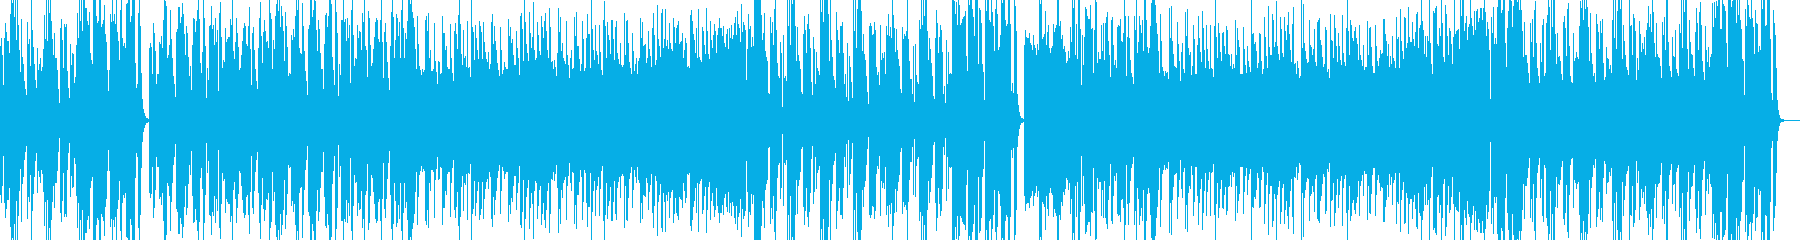 和風琴ストリングス企業VPやCM用BGMの再生済みの波形